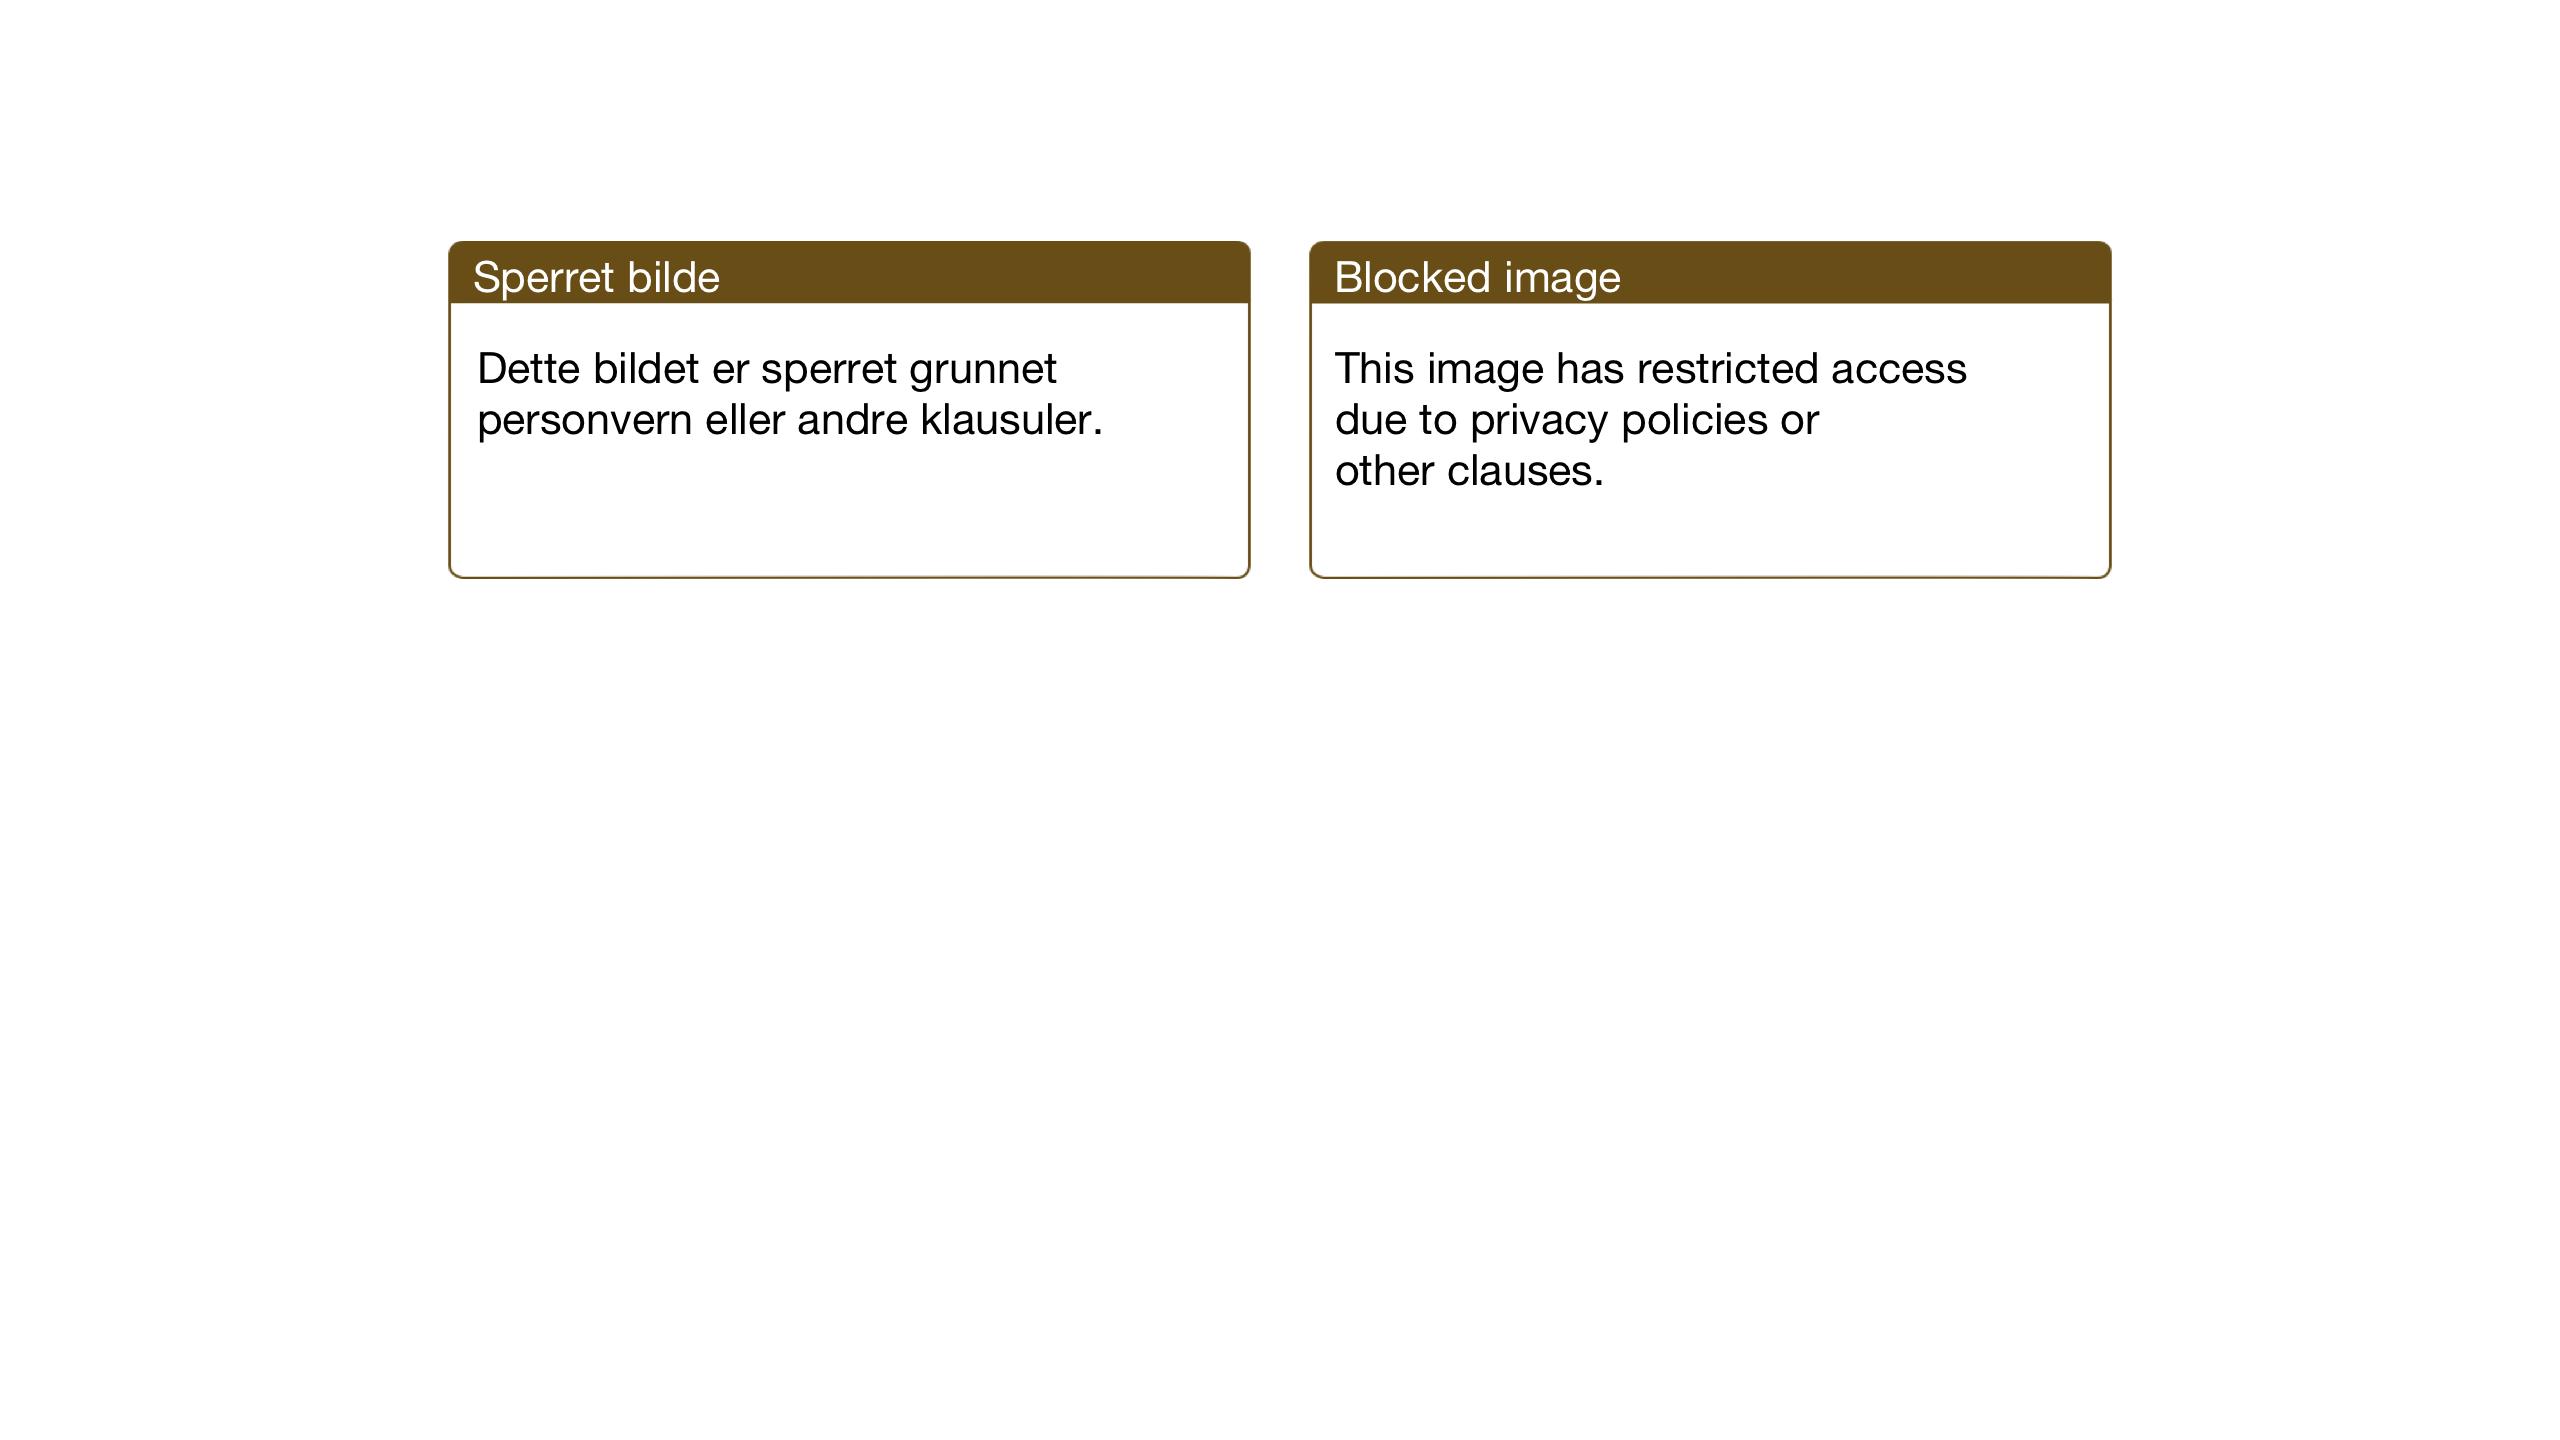 SAT, Ministerialprotokoller, klokkerbøker og fødselsregistre - Nord-Trøndelag, 748/L0465: Klokkerbok nr. 748C01, 1908-1960, s. 22